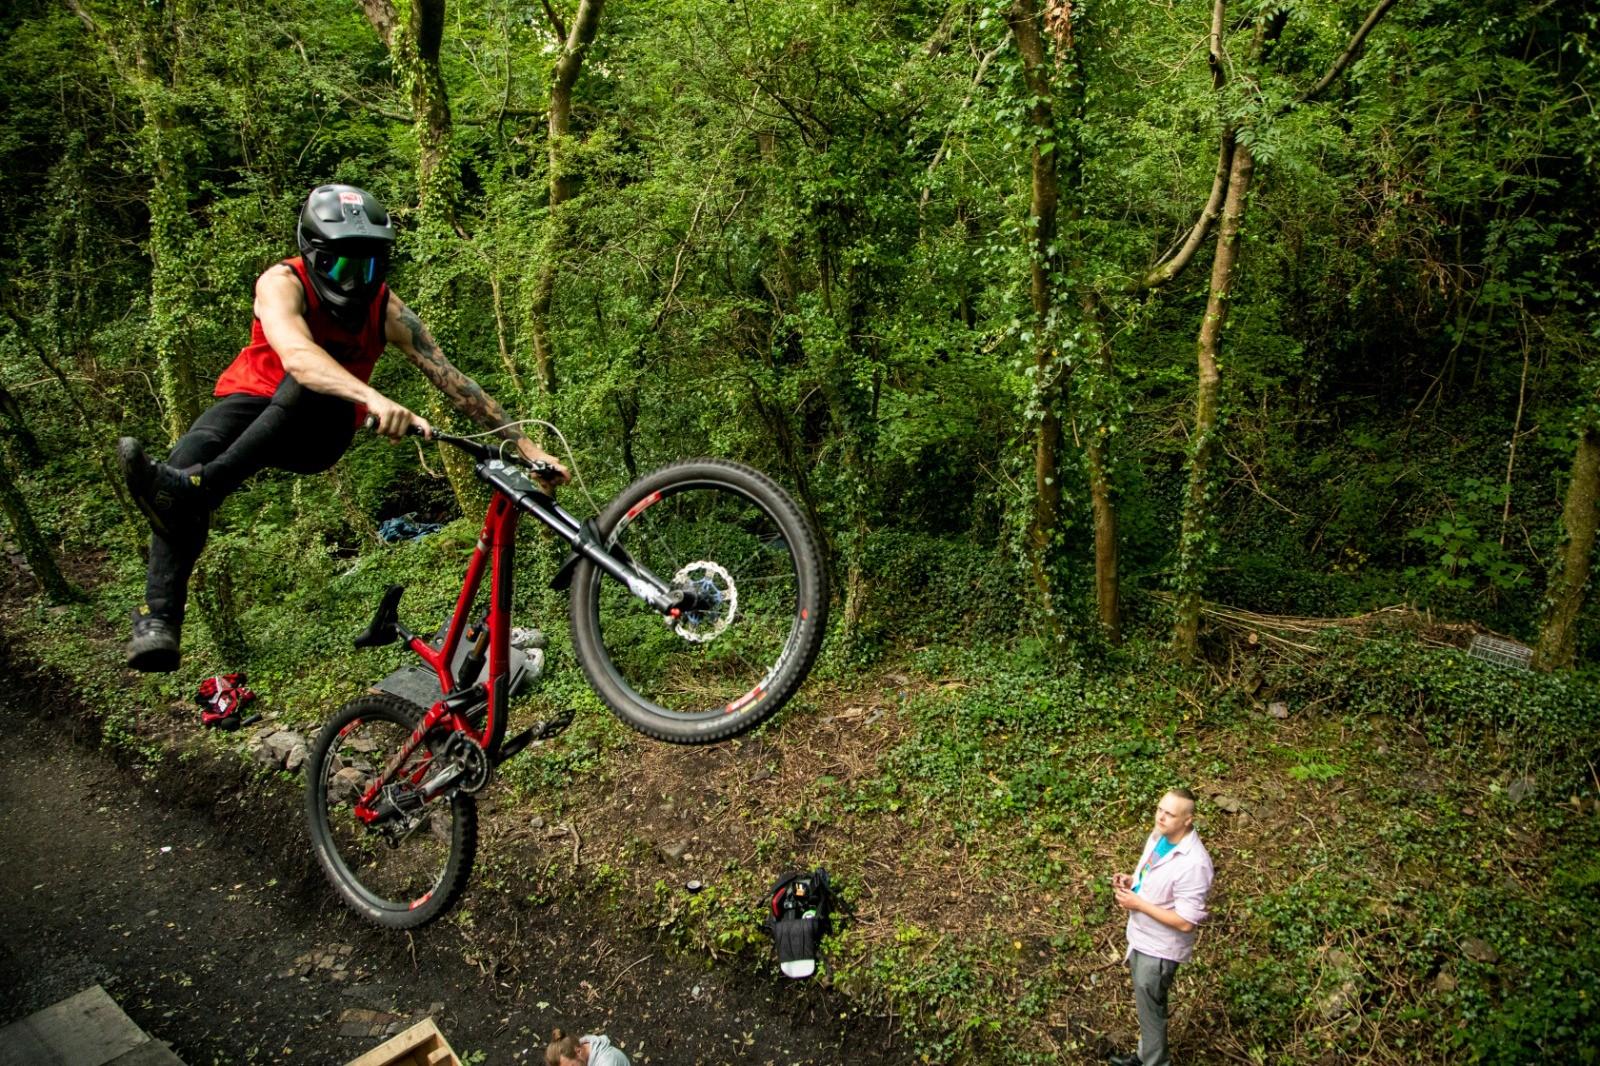 C9DE38F3-52E3-442E-B272-8384A109D5C1 - martin dunn - Mountain Biking Pictures - Vital MTB